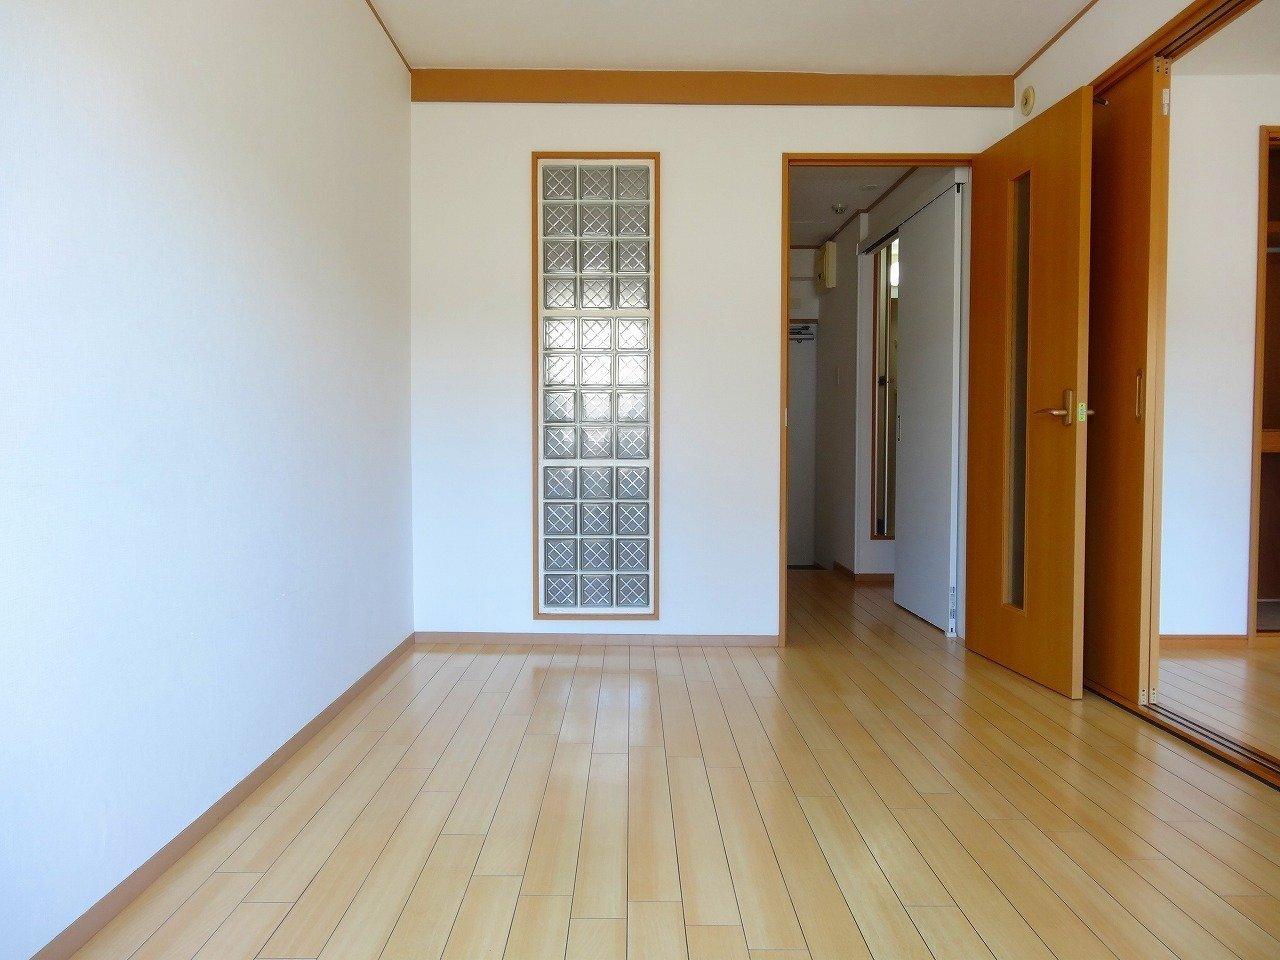 室内は6畳の洋室が2室あります。普段は開け放しておけば、広々と見せることができますね。